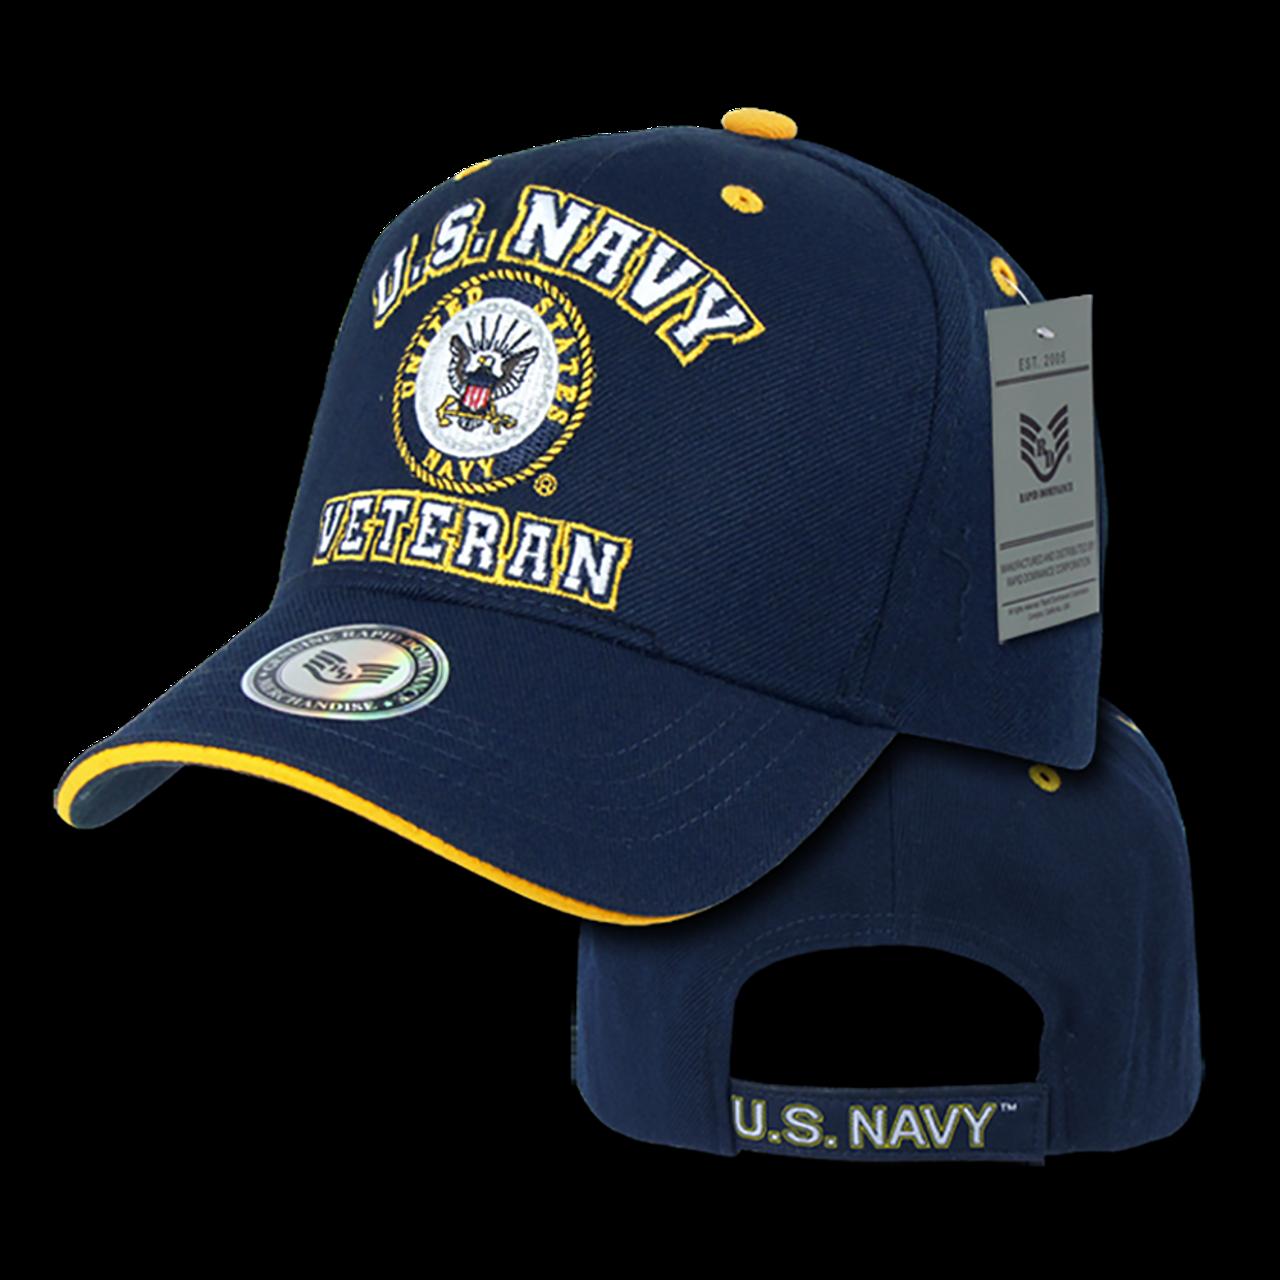 VET - Veteran Cap - U S  Navy - Navy